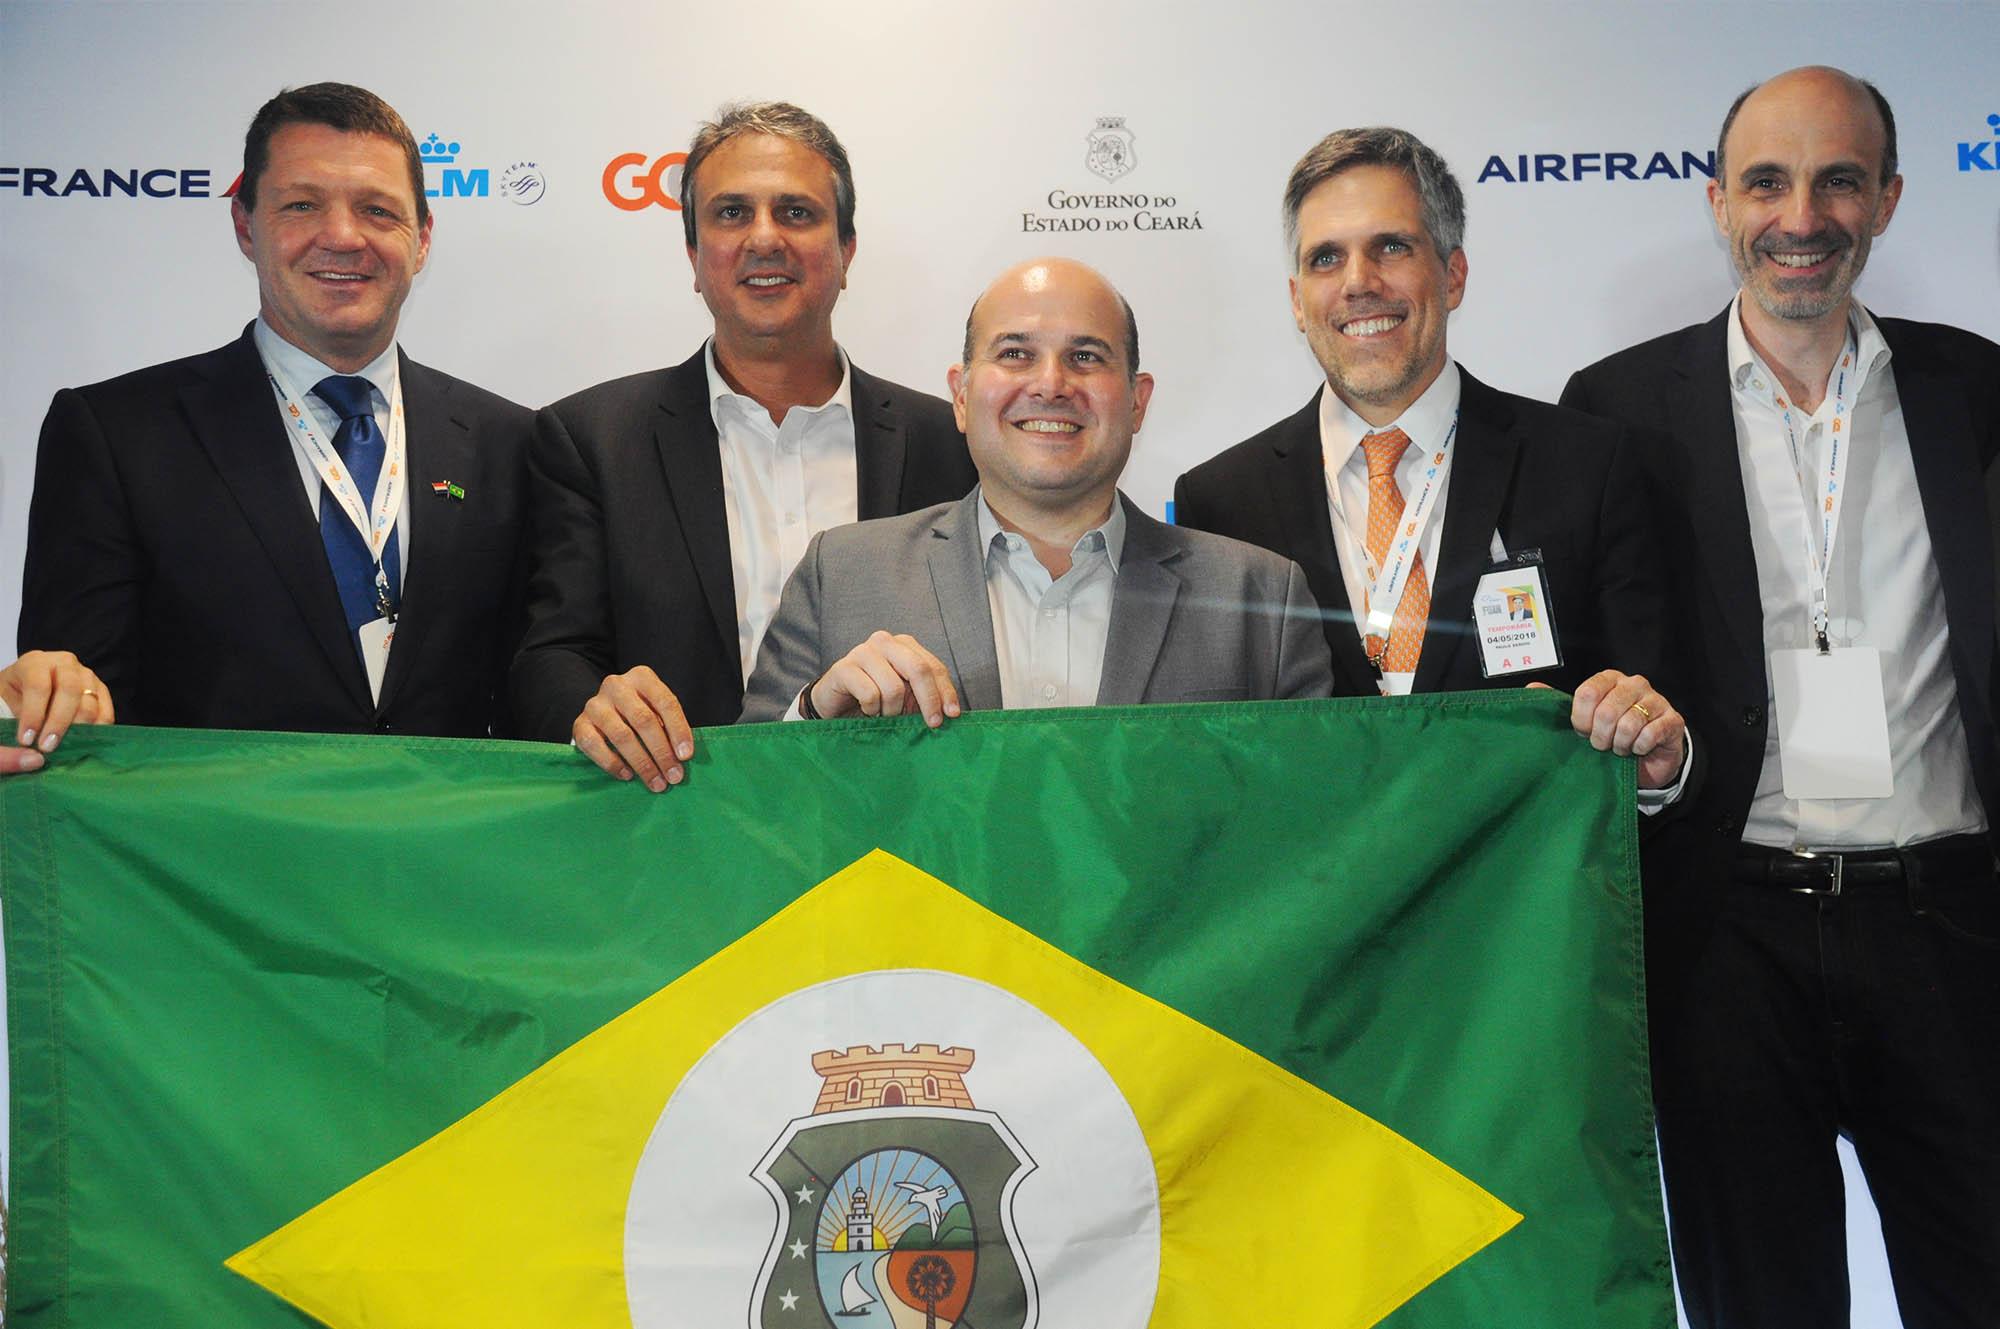 Pieter Elbers, da KLM, Camilo Santana, governador do CE, Roberto Cláudio, prefeito de Fortaleza, Paulo Kakinoff, presidente da Gol, e Jean-Michel Mathieu, CEO da Joon